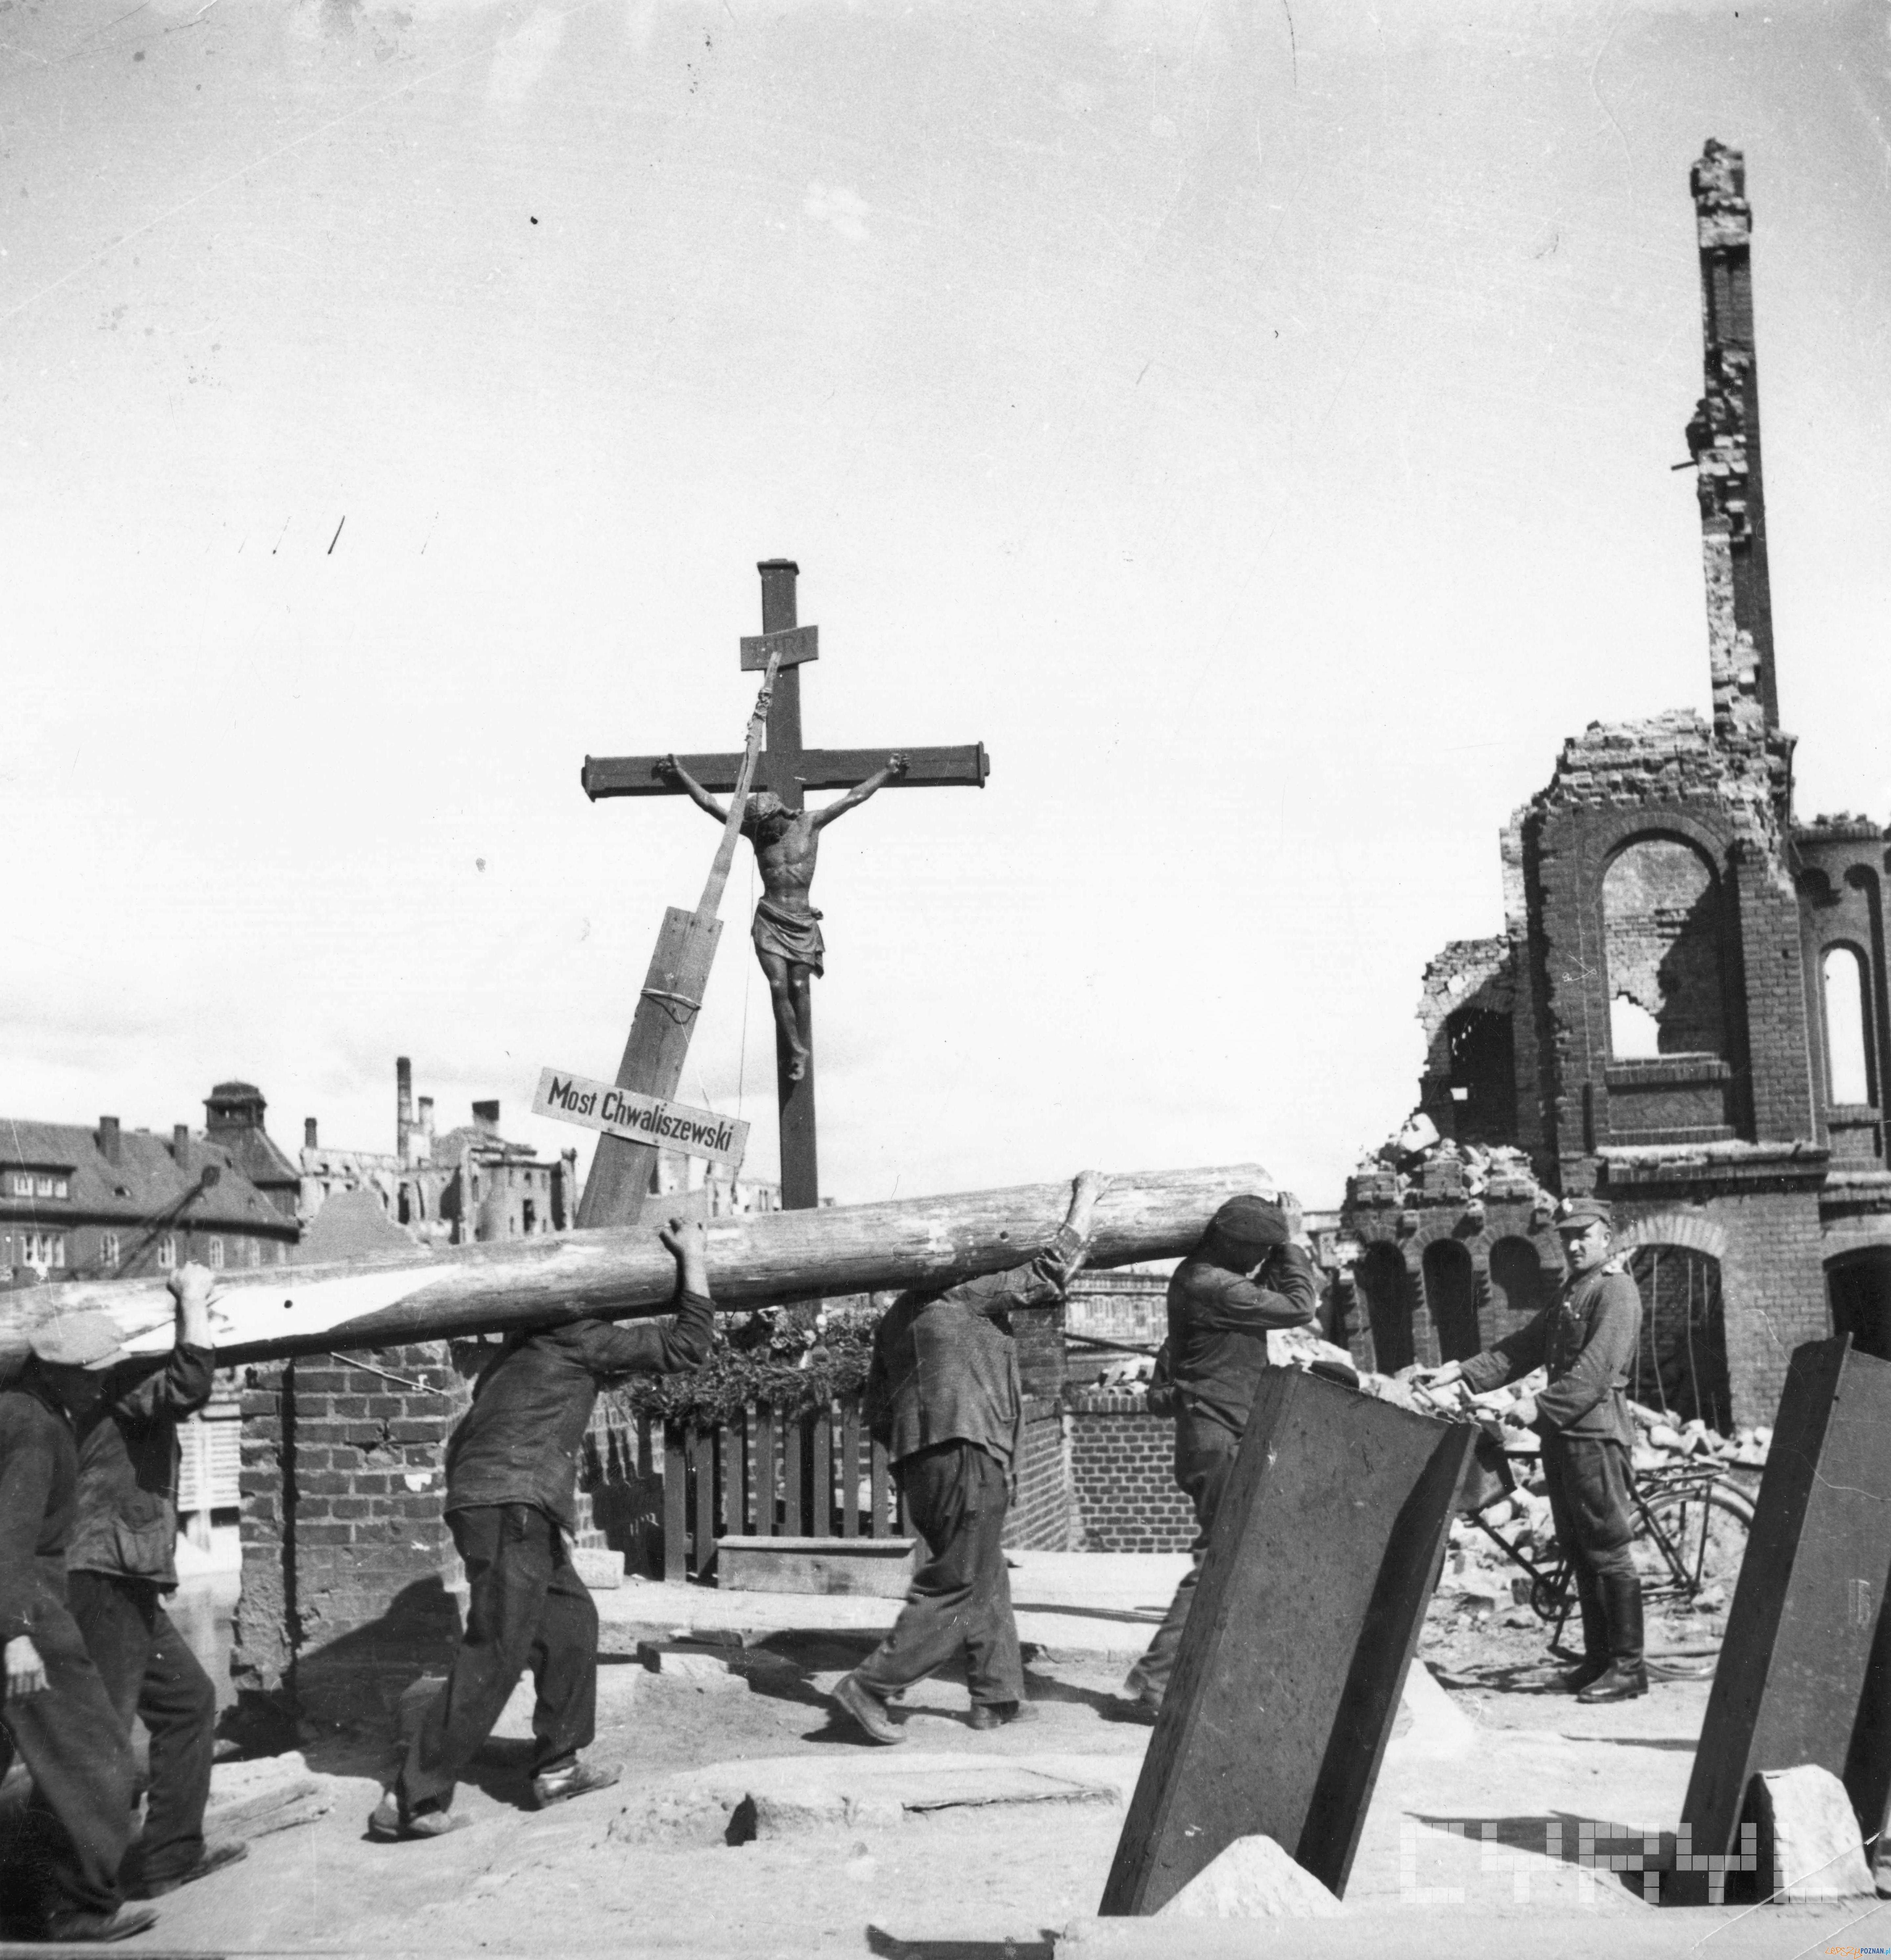 Krzyż na Moście Chwaliszewskim  Foto: Zbigniew Zielonacki / Cyryl